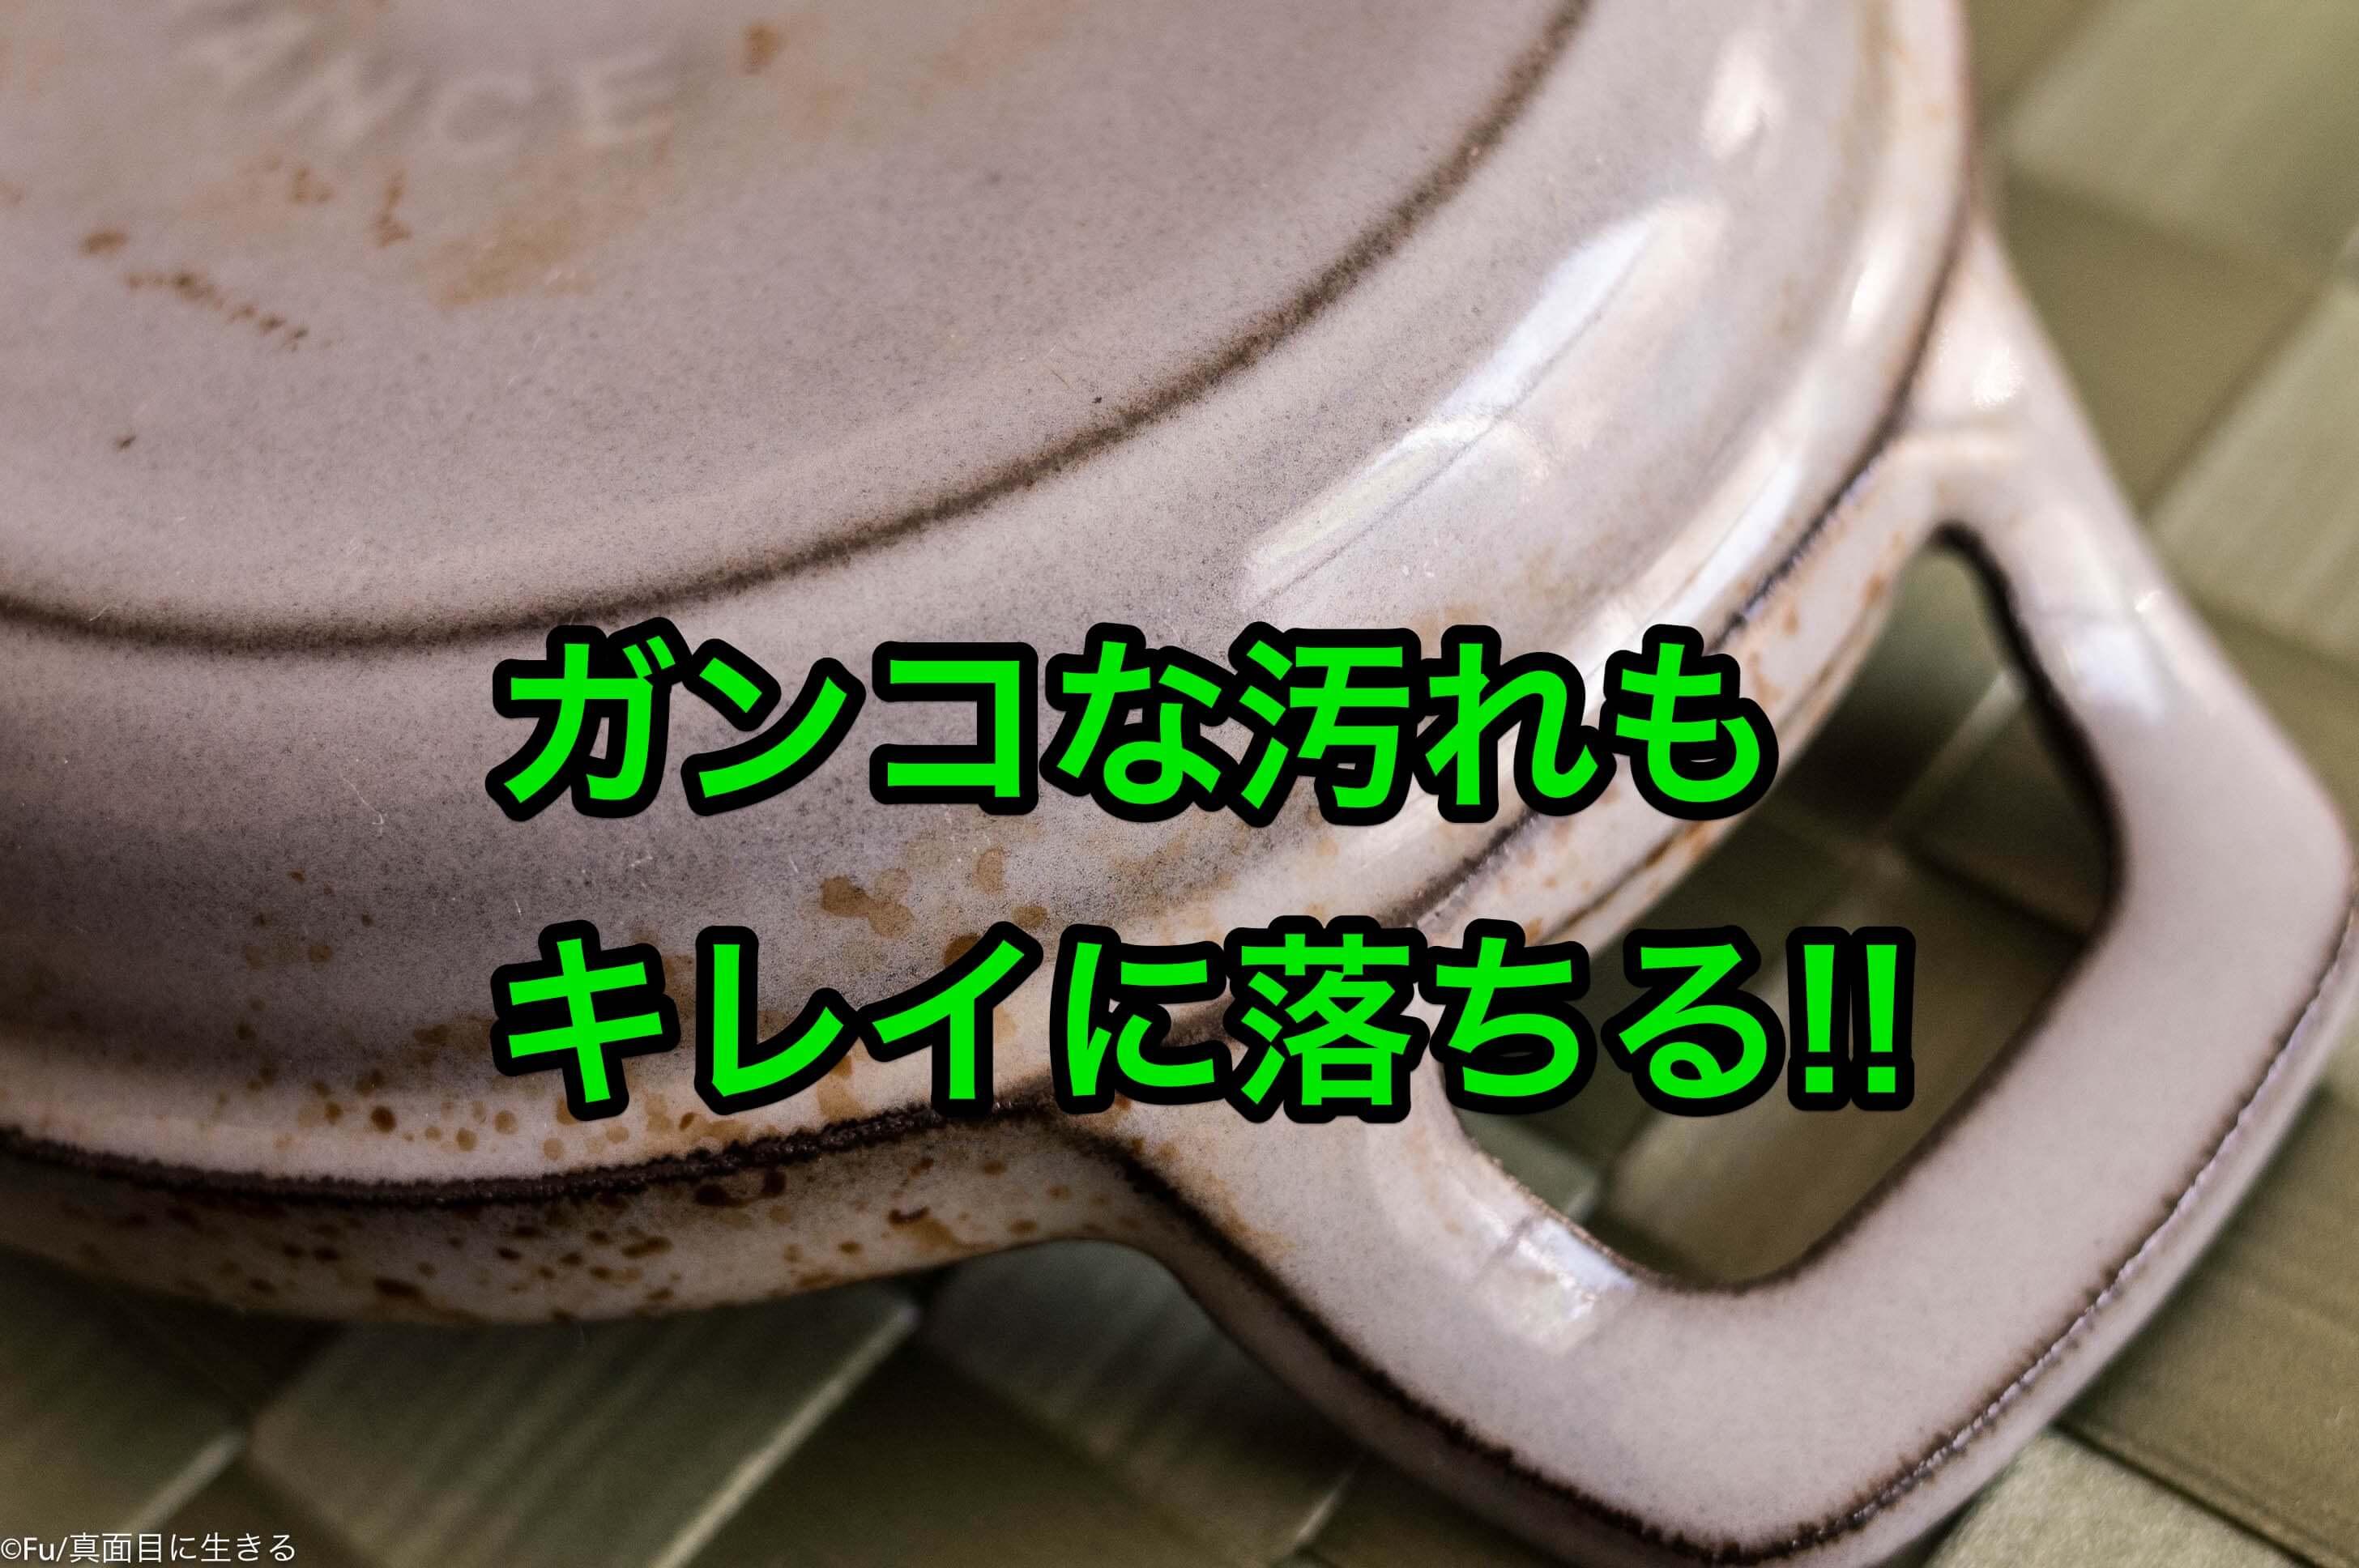 ストウブの外側・鍋底のガンコで落ちない汚れをキレイにする方法